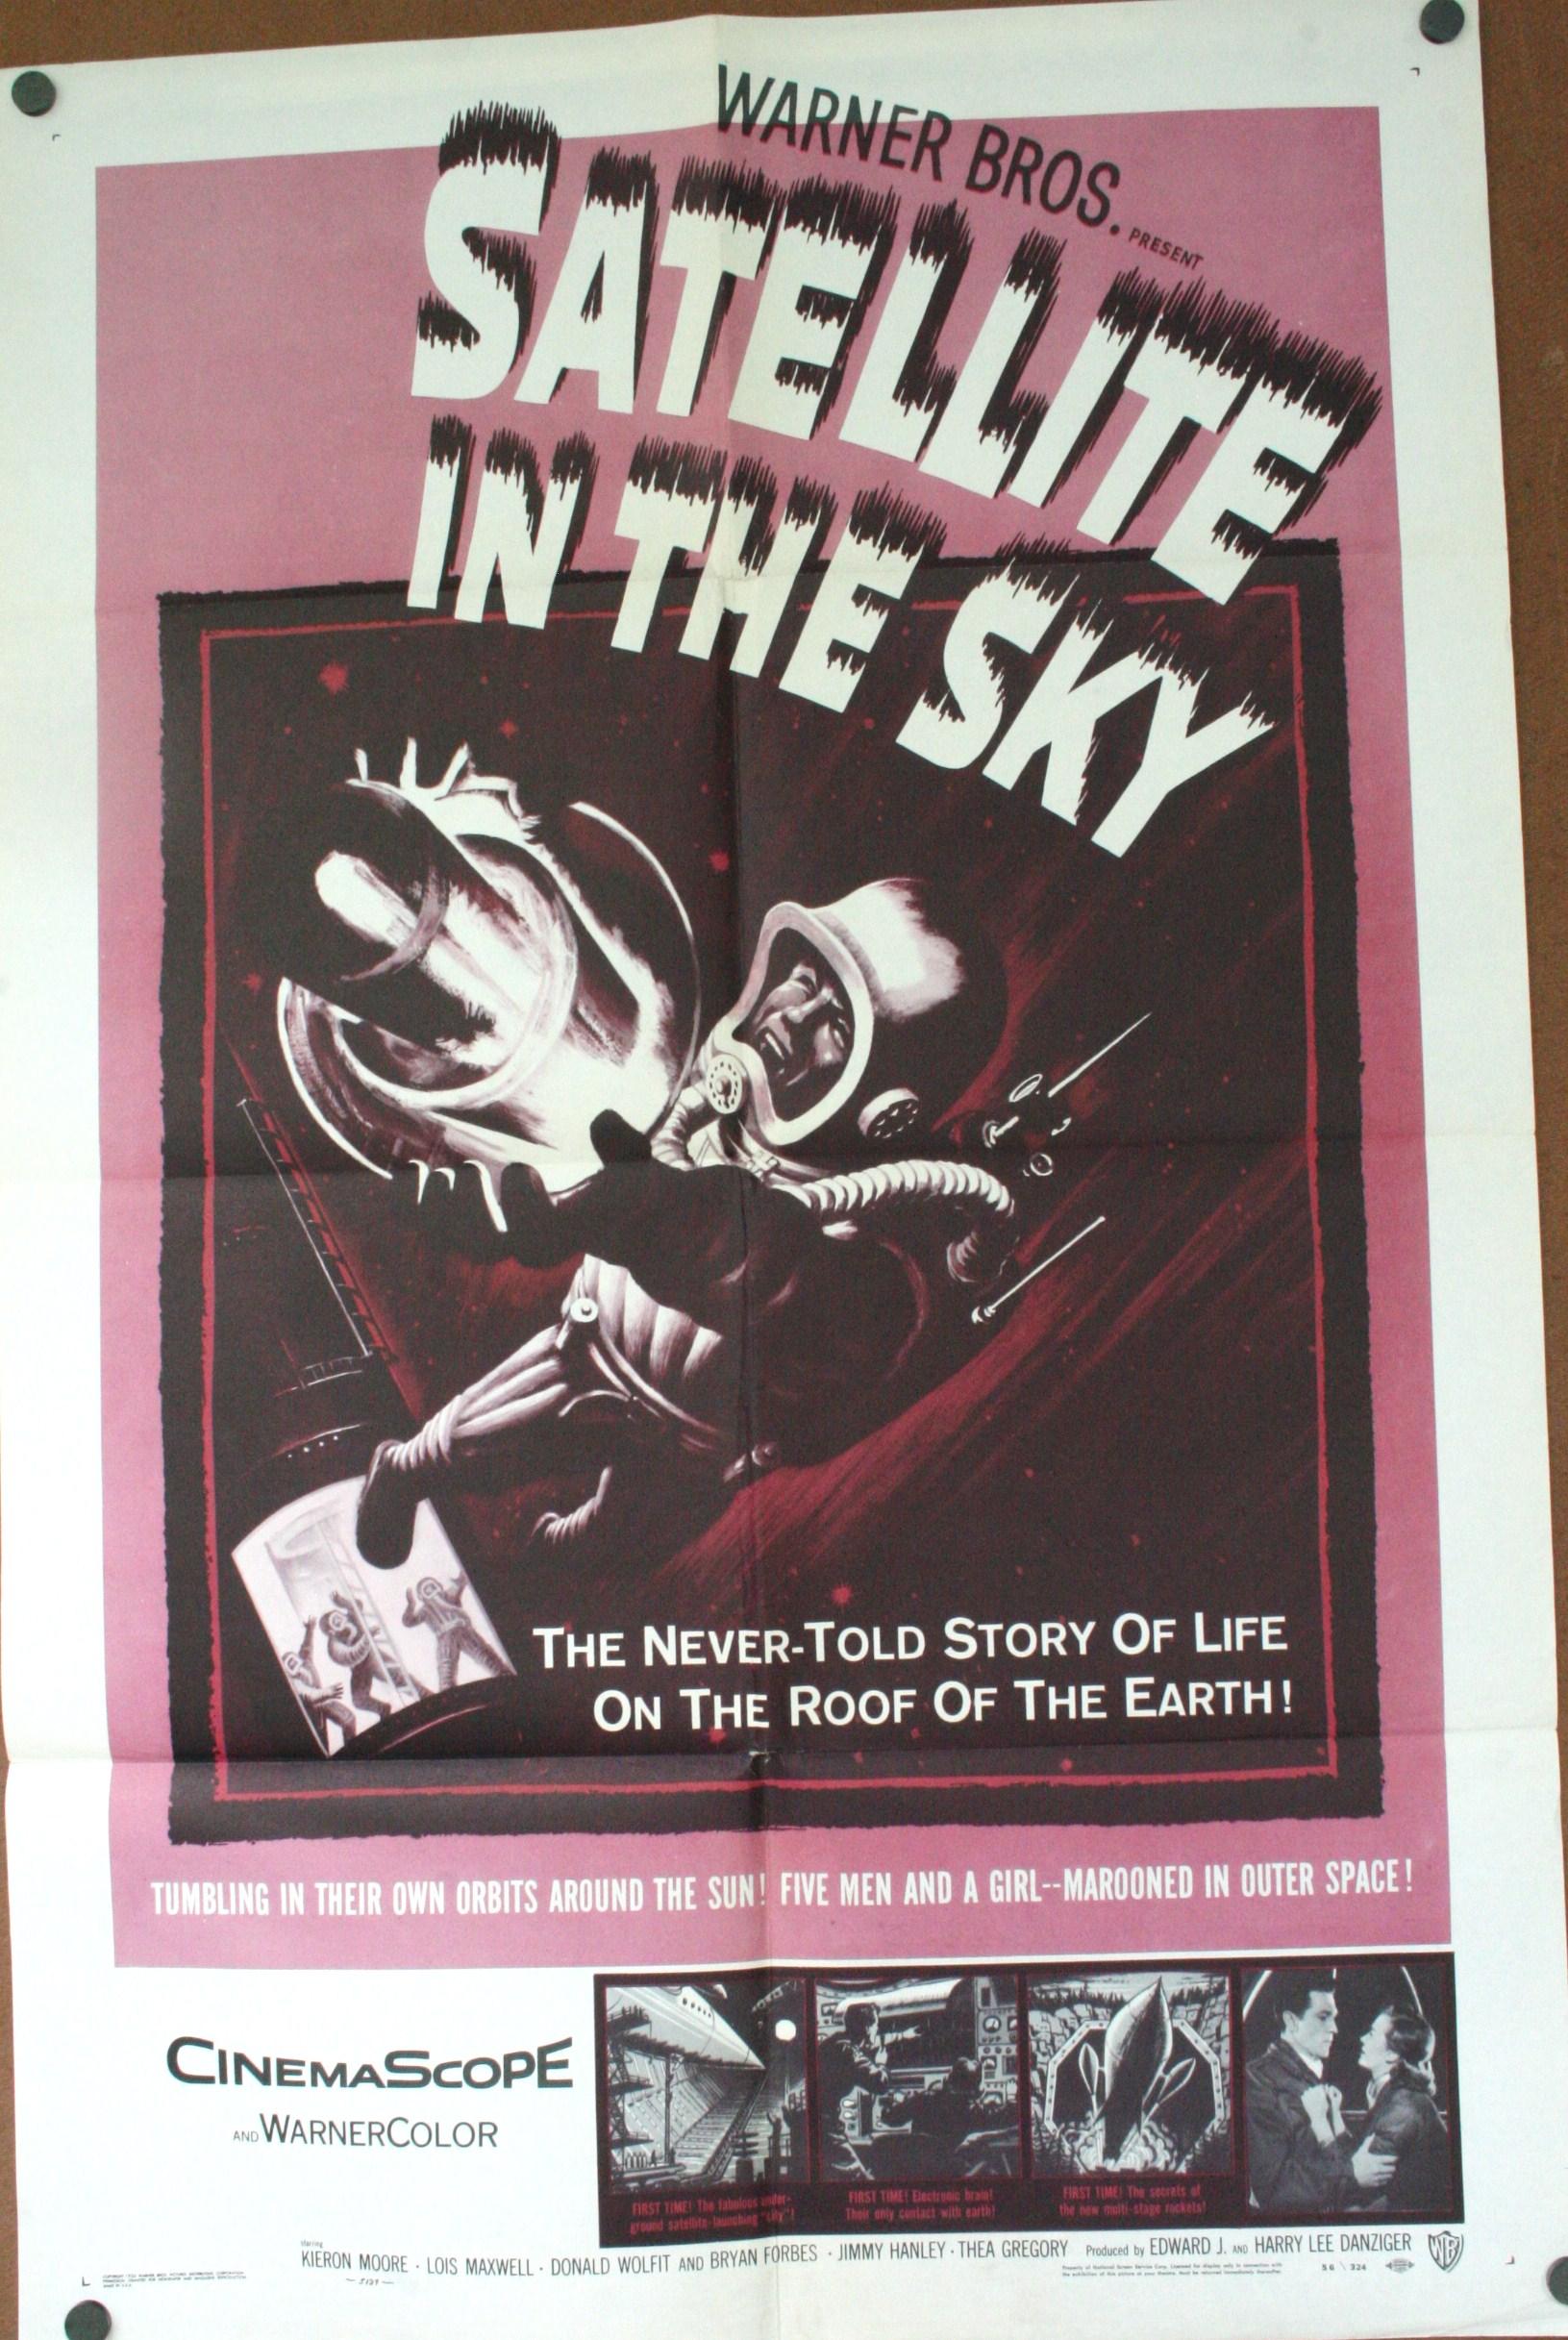 SATELLITE IN THE SKY. 1950u2019s Sci Fi Movie Poster